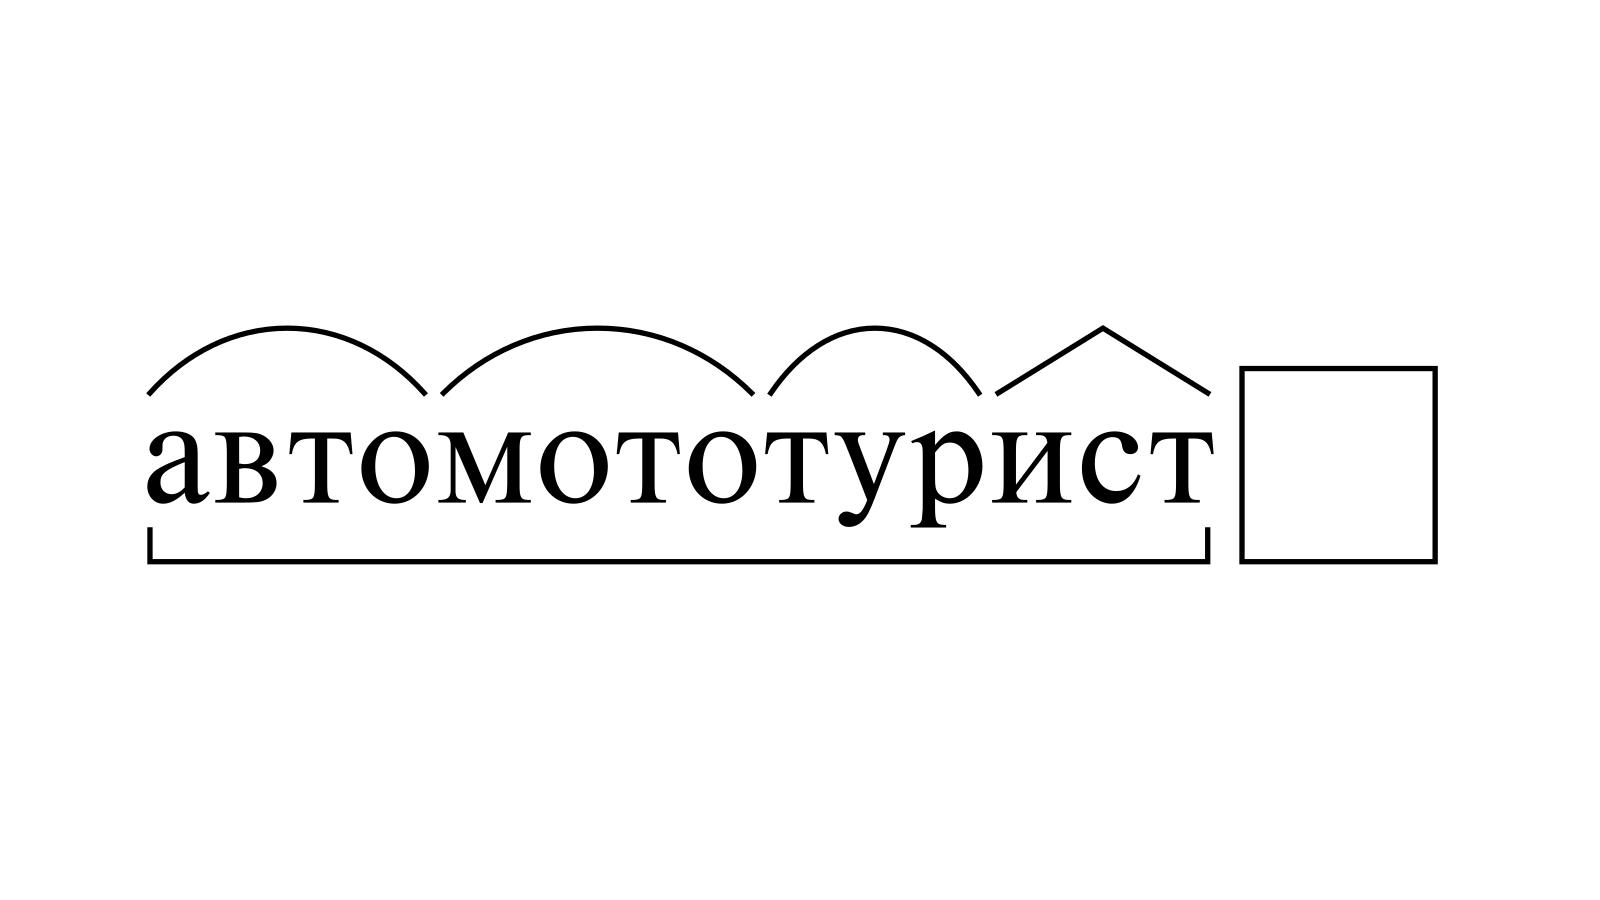 Разбор слова «автомототурист» по составу